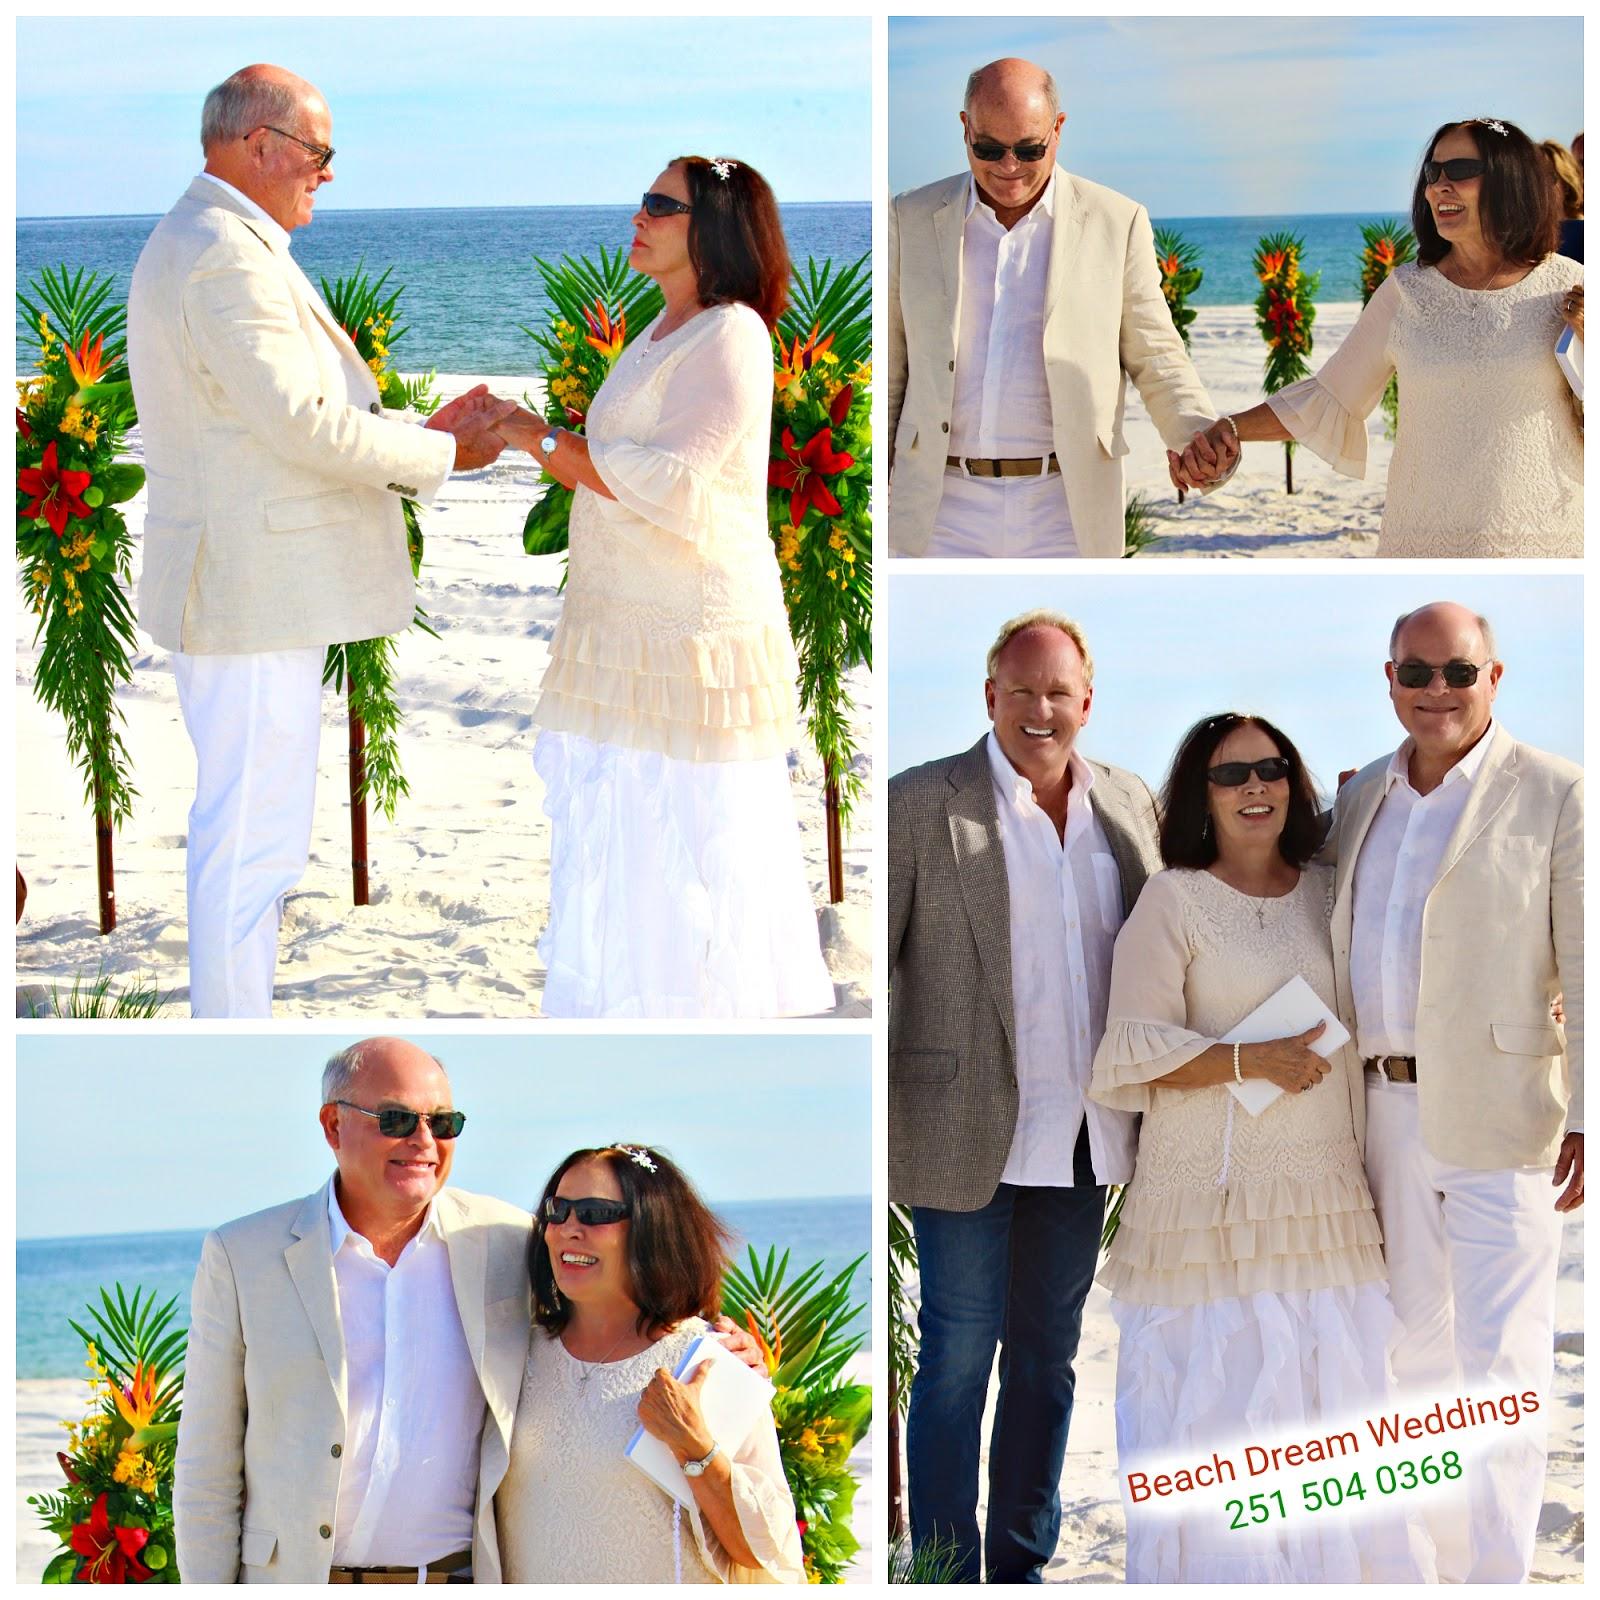 Beach Dream Wedding Of Fred Renee Jones Married On 11 17 2018